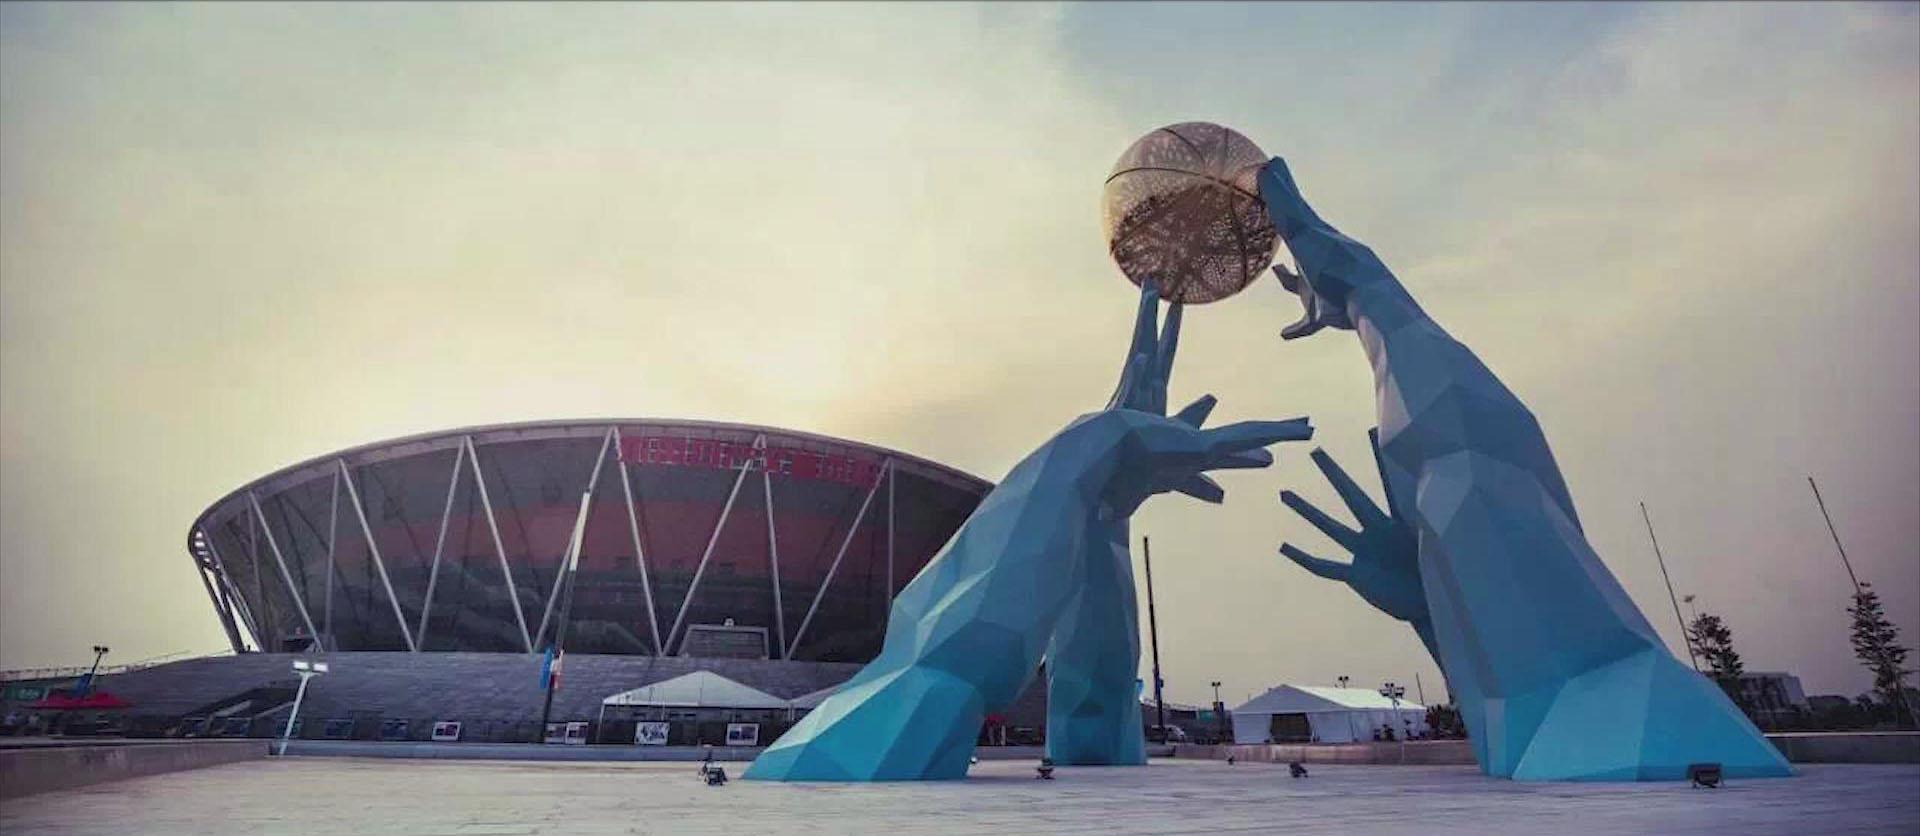 與部分典型民用建筑合作的項目-東莞CBA籃球中心